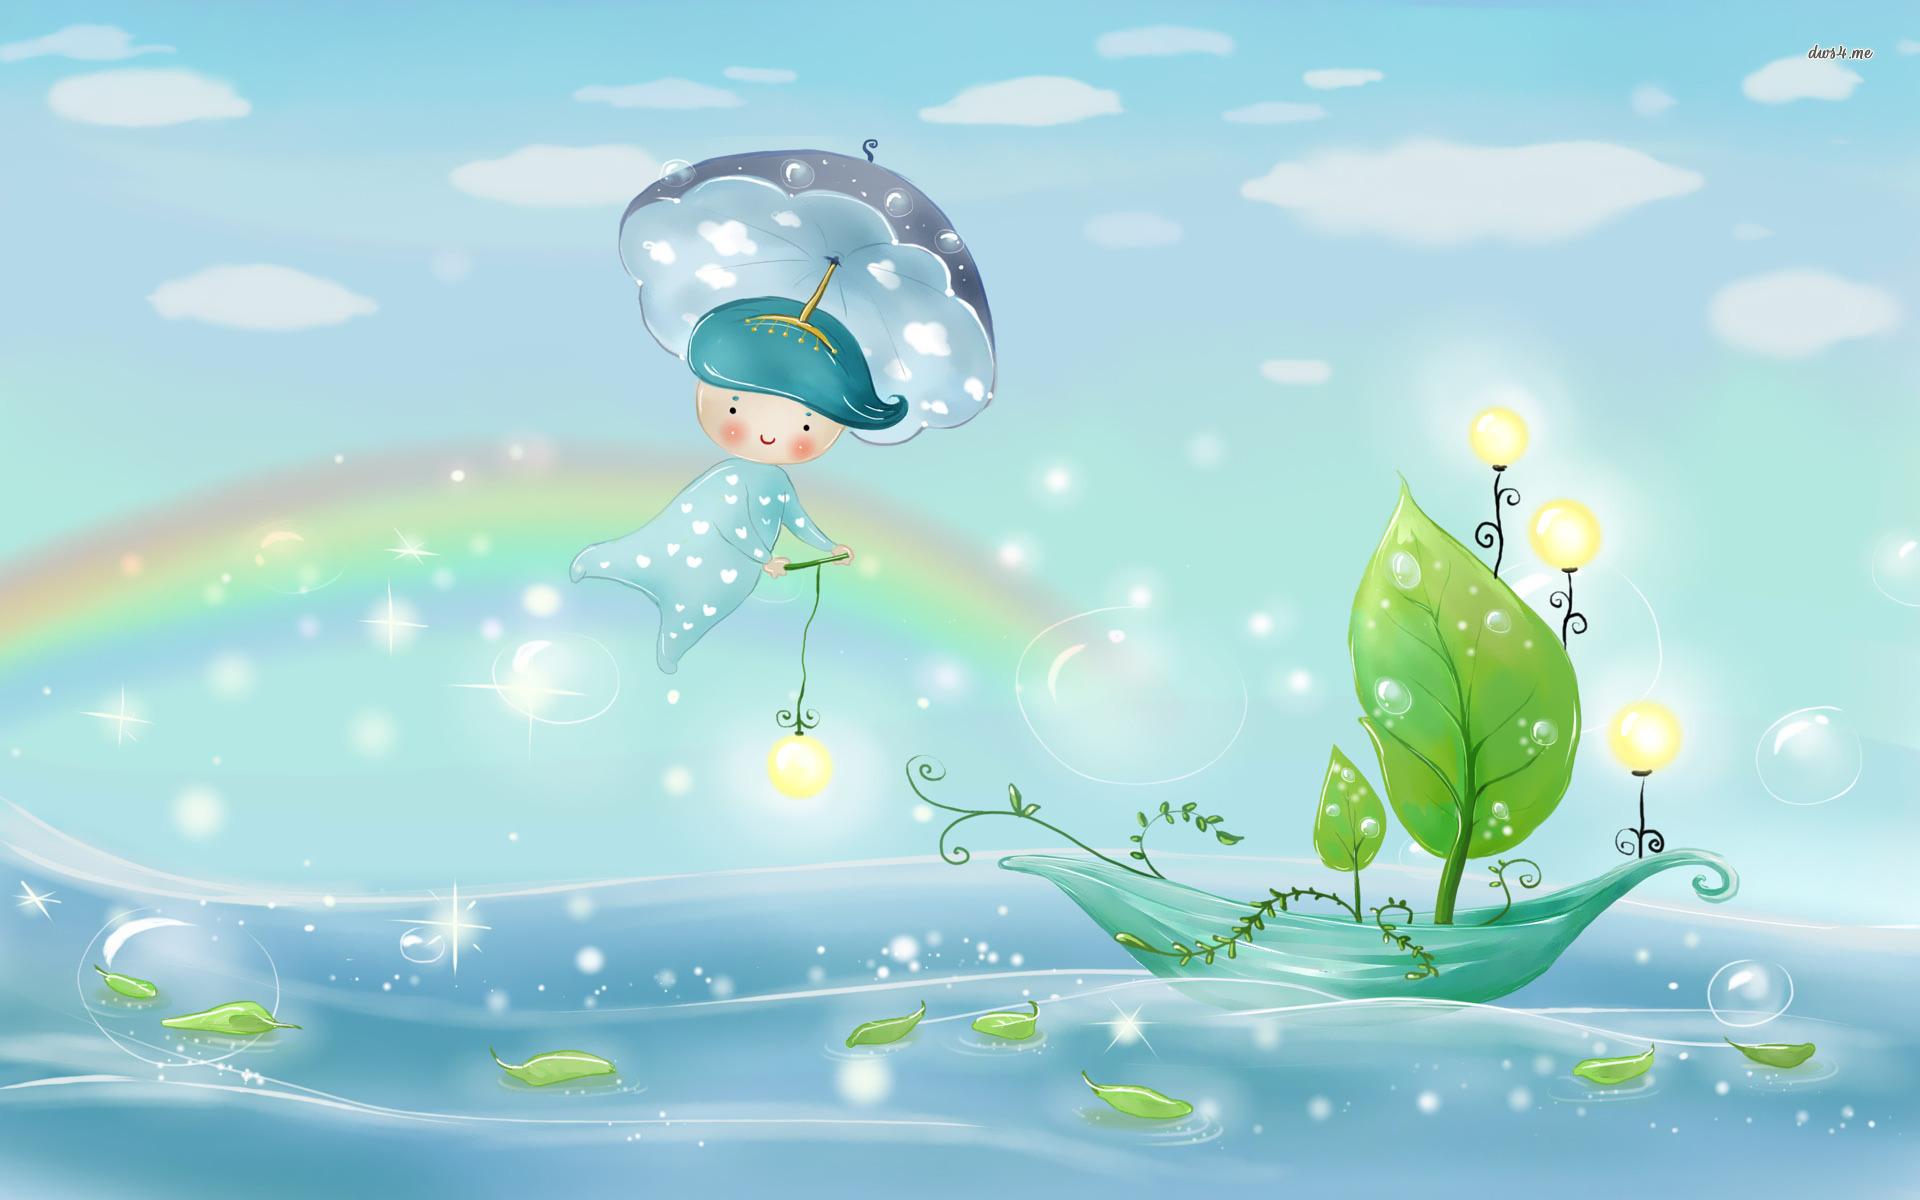 Cute Baby Girl Wallpaper Free Download Cute Rainbow Hd Wallpapers Pixelstalk Net